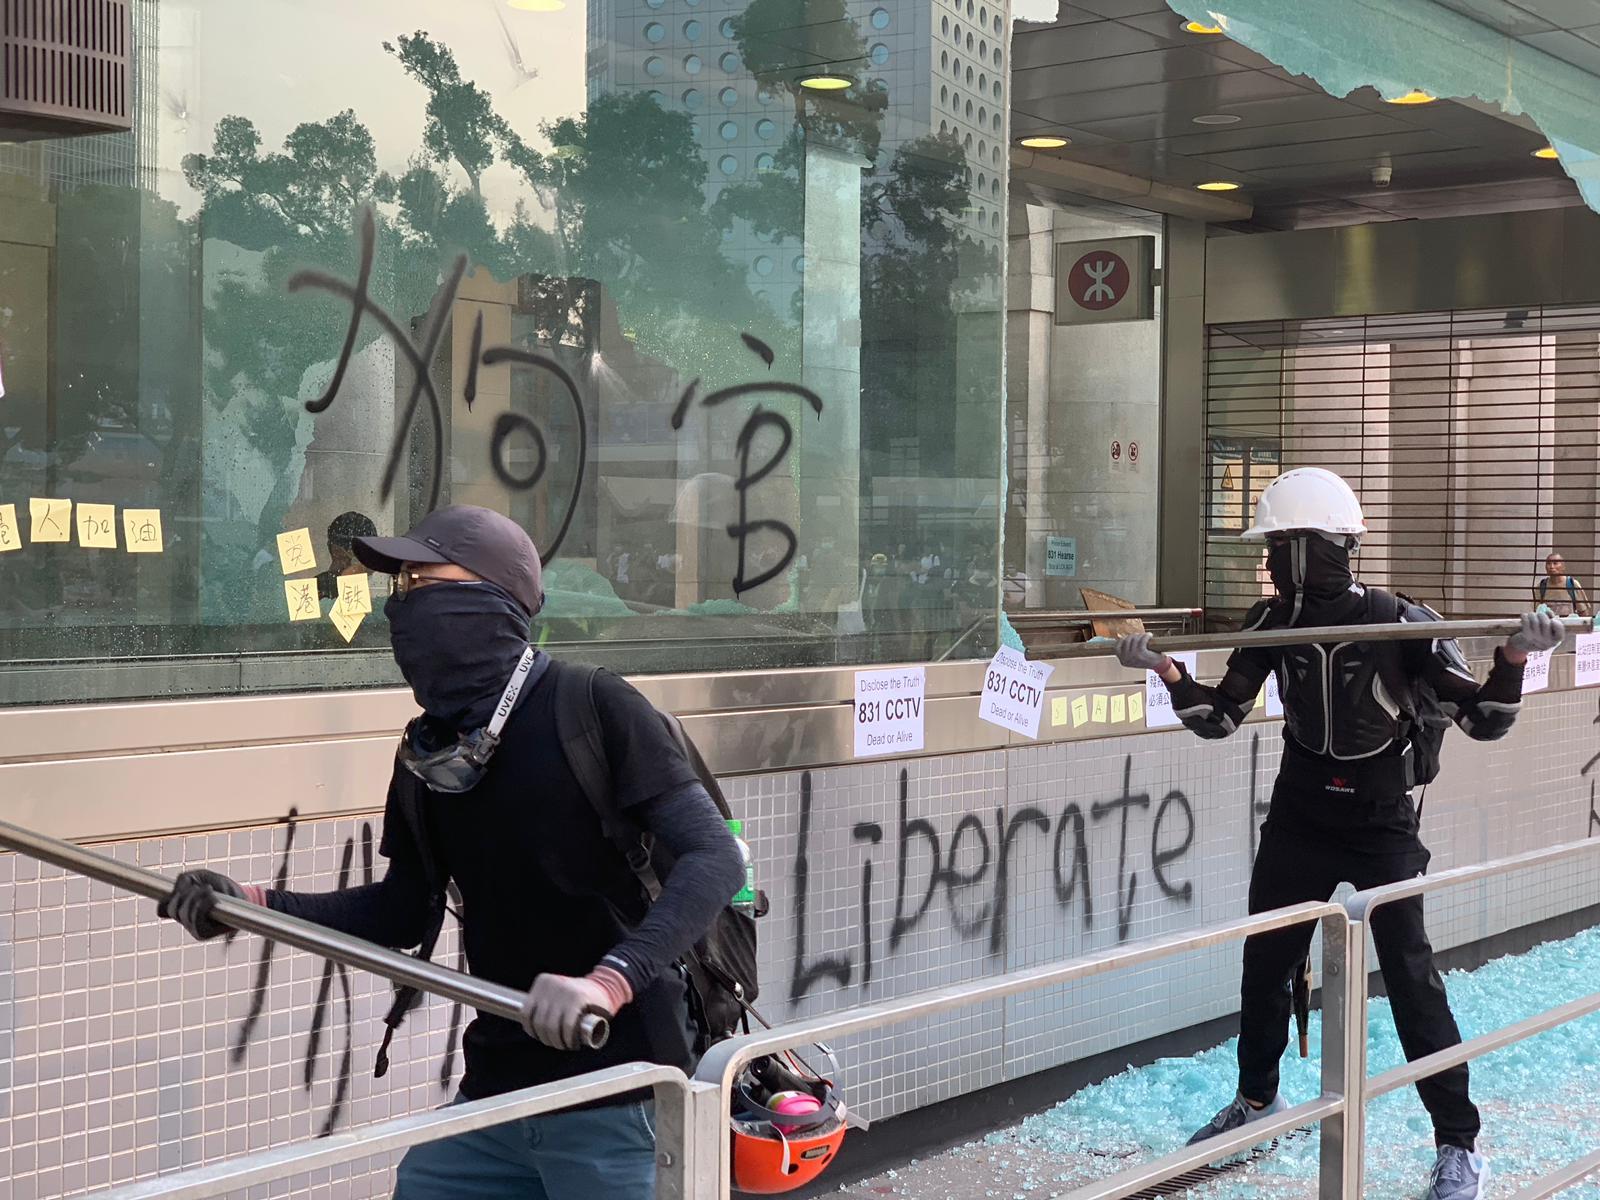 【修例风波】人权监察质疑启动紧急法立禁蒙面法